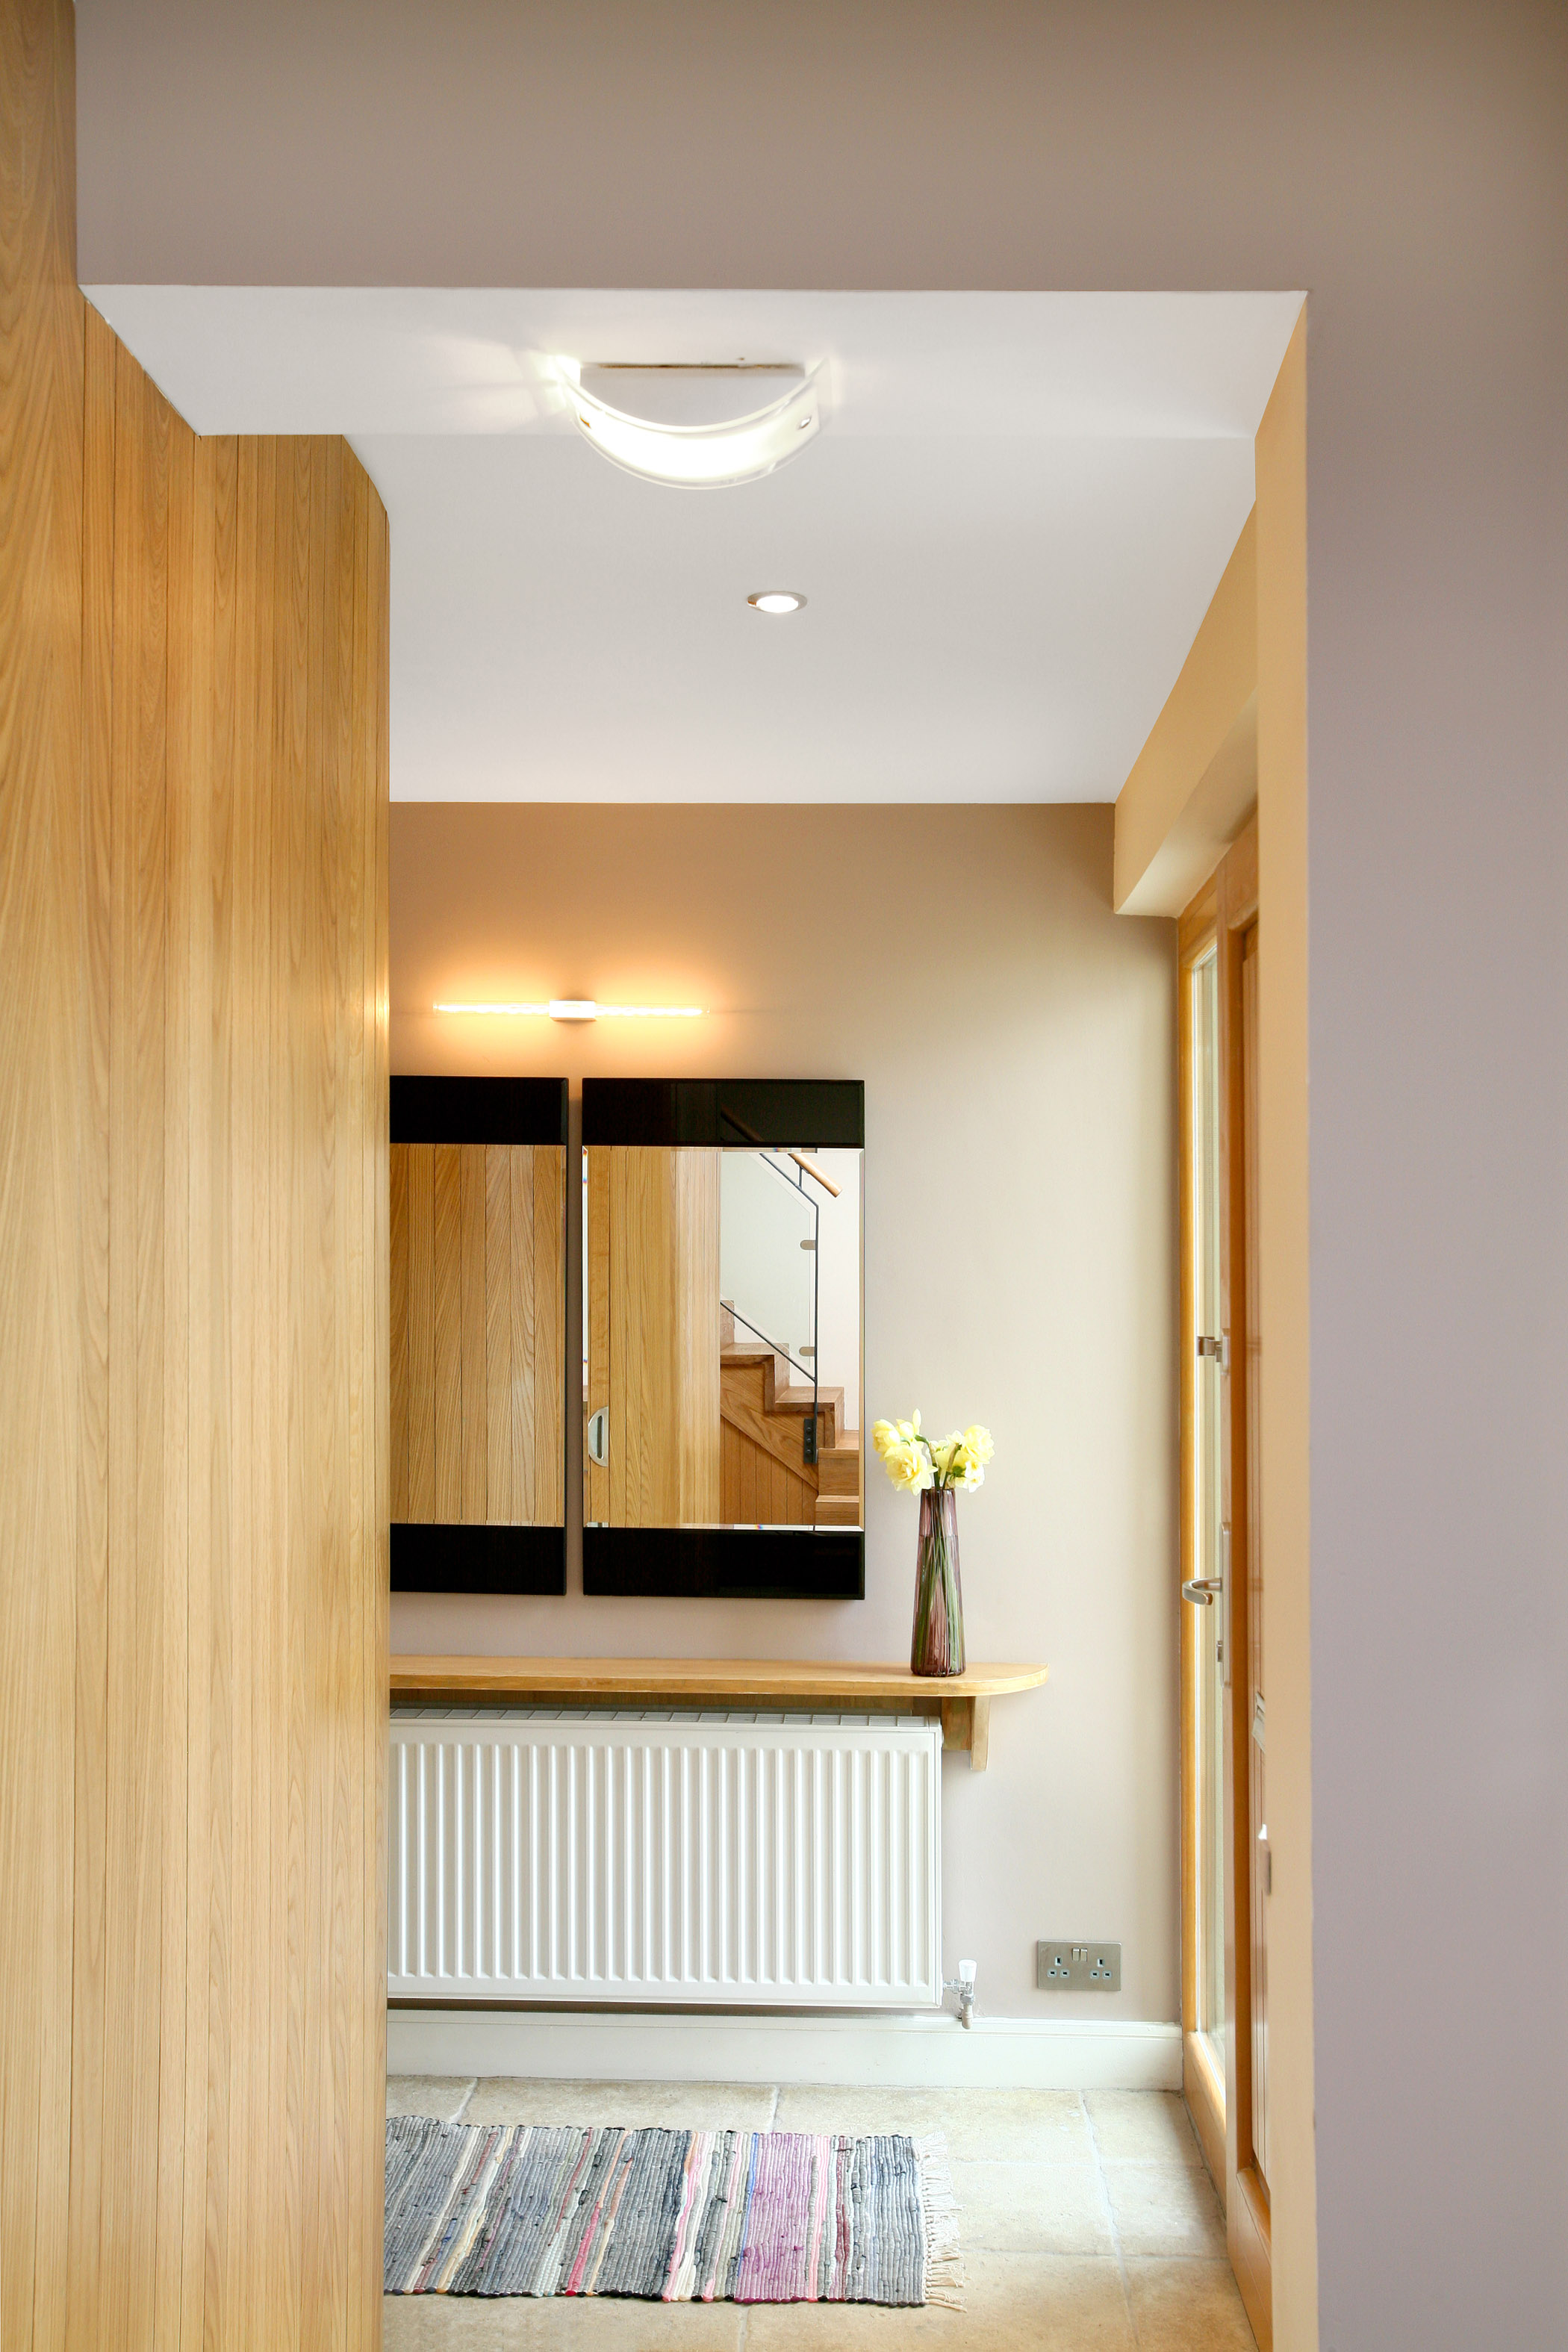 Interior_Renovation_Hall.jpg